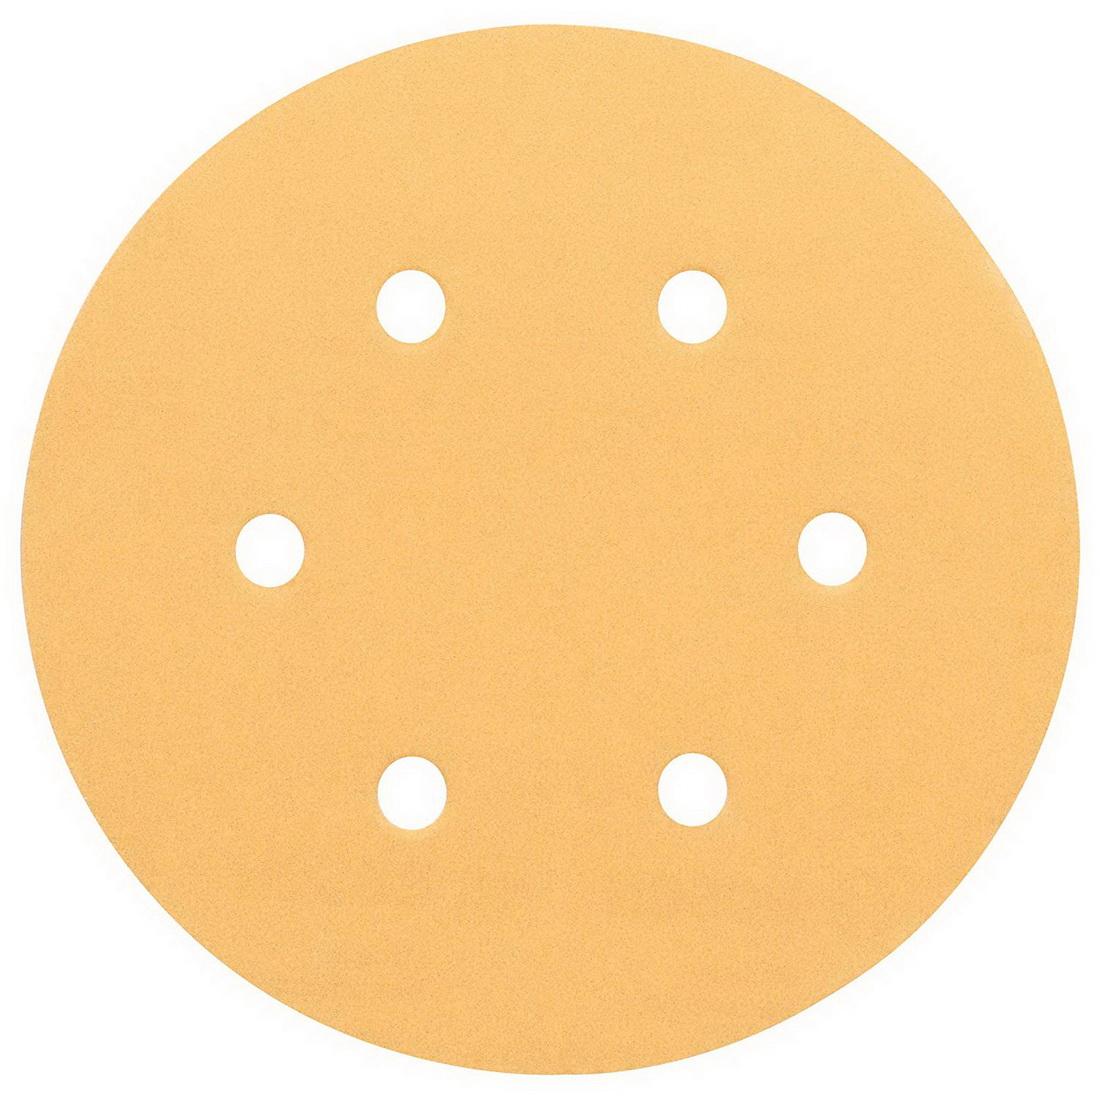 6-Hole C470 Random Orbital Sanding Disc For Wood 150mm 240 Grit 5 pack 2608605091